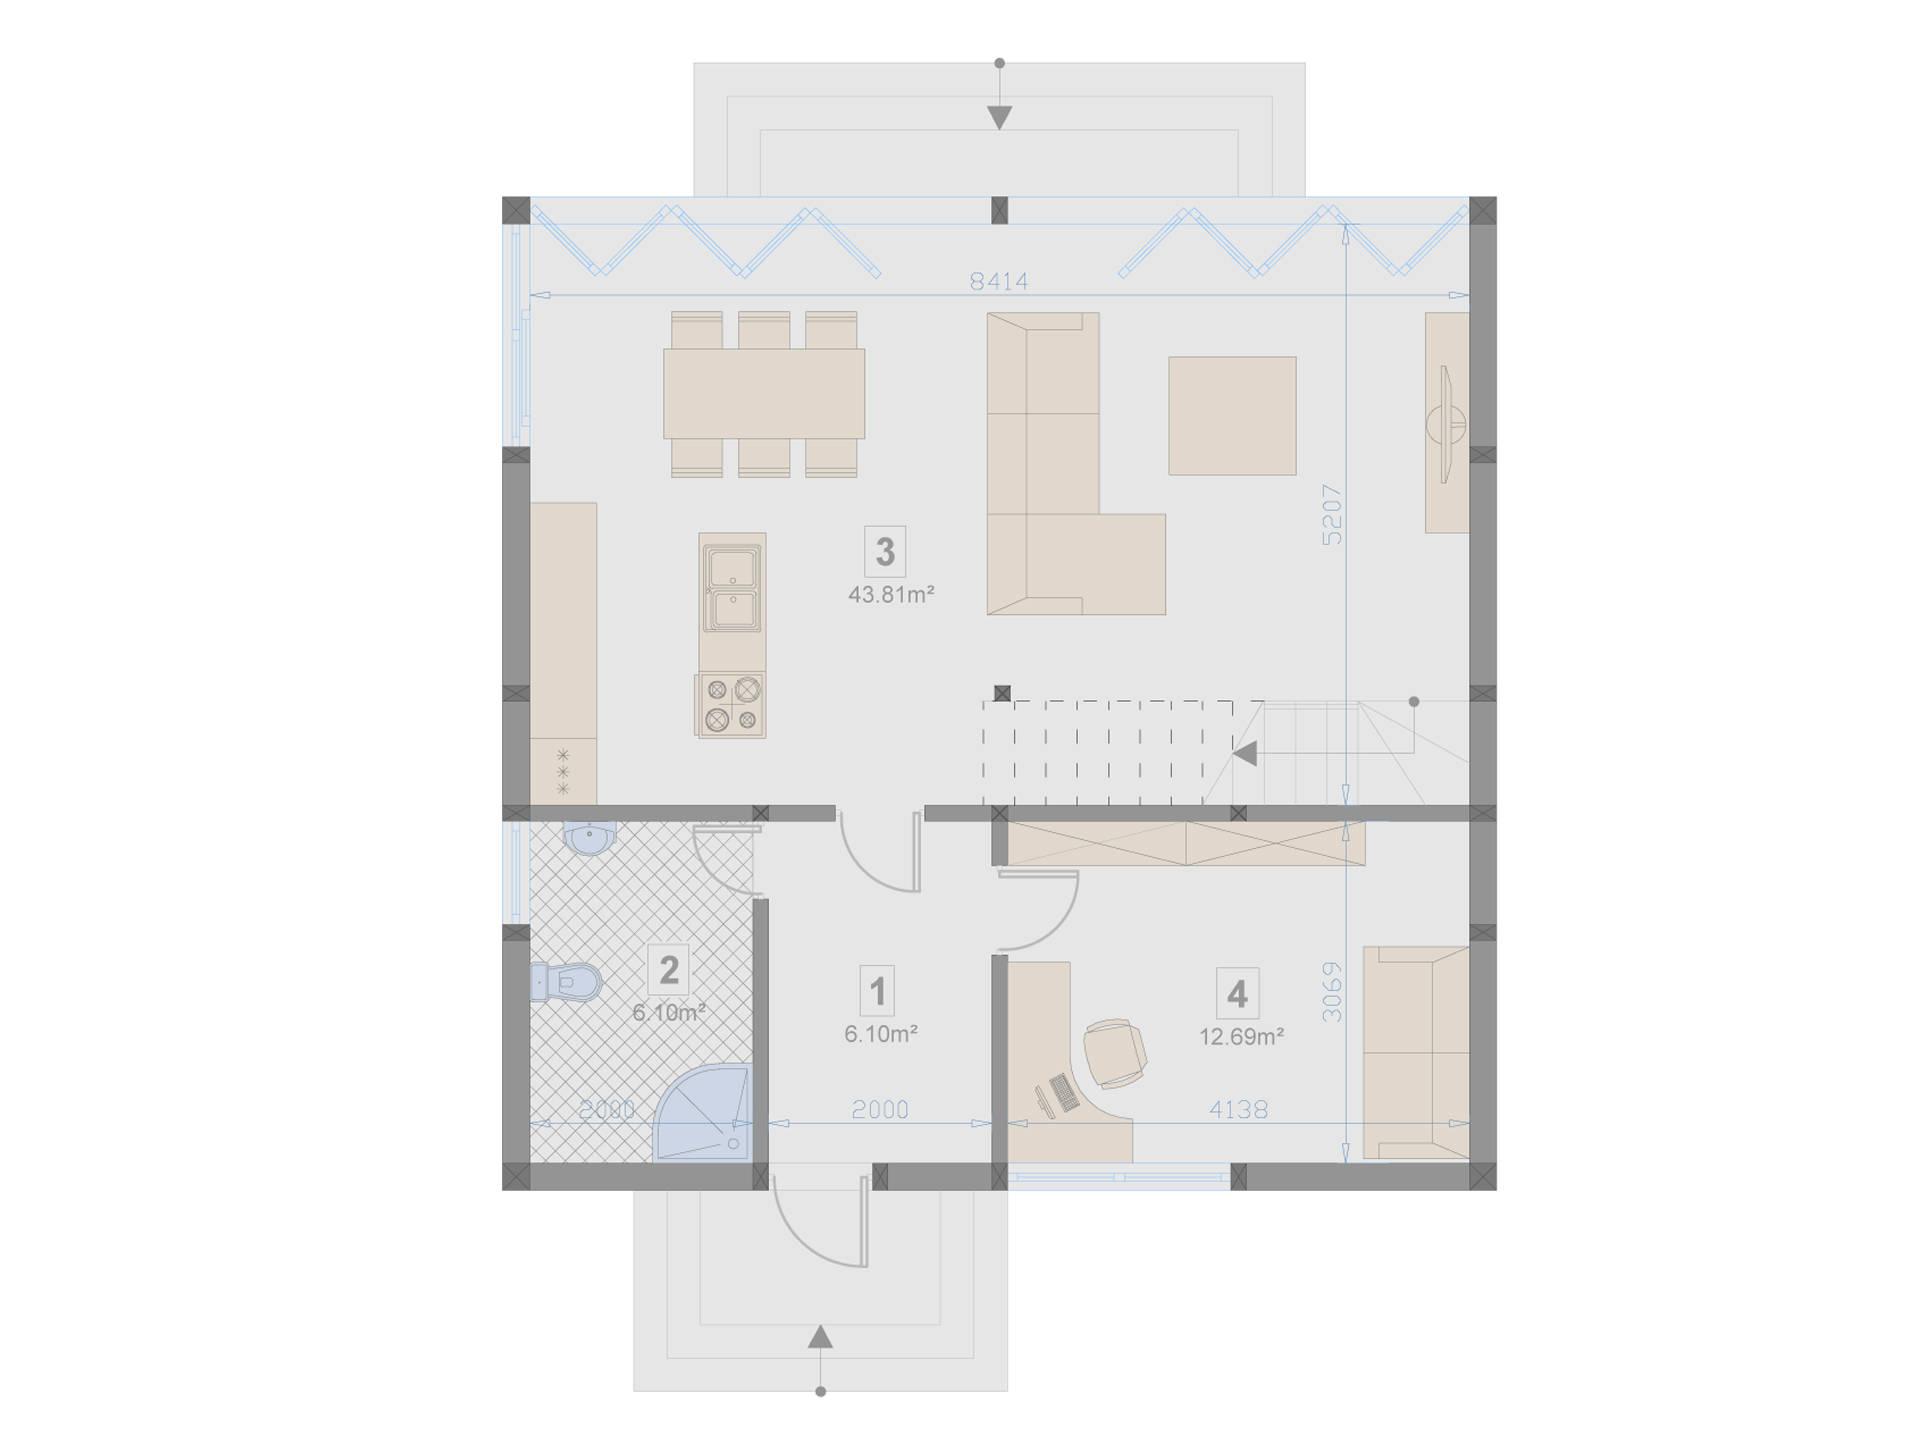 Familienhaus 130 von Designo Haus - Grundriss EG